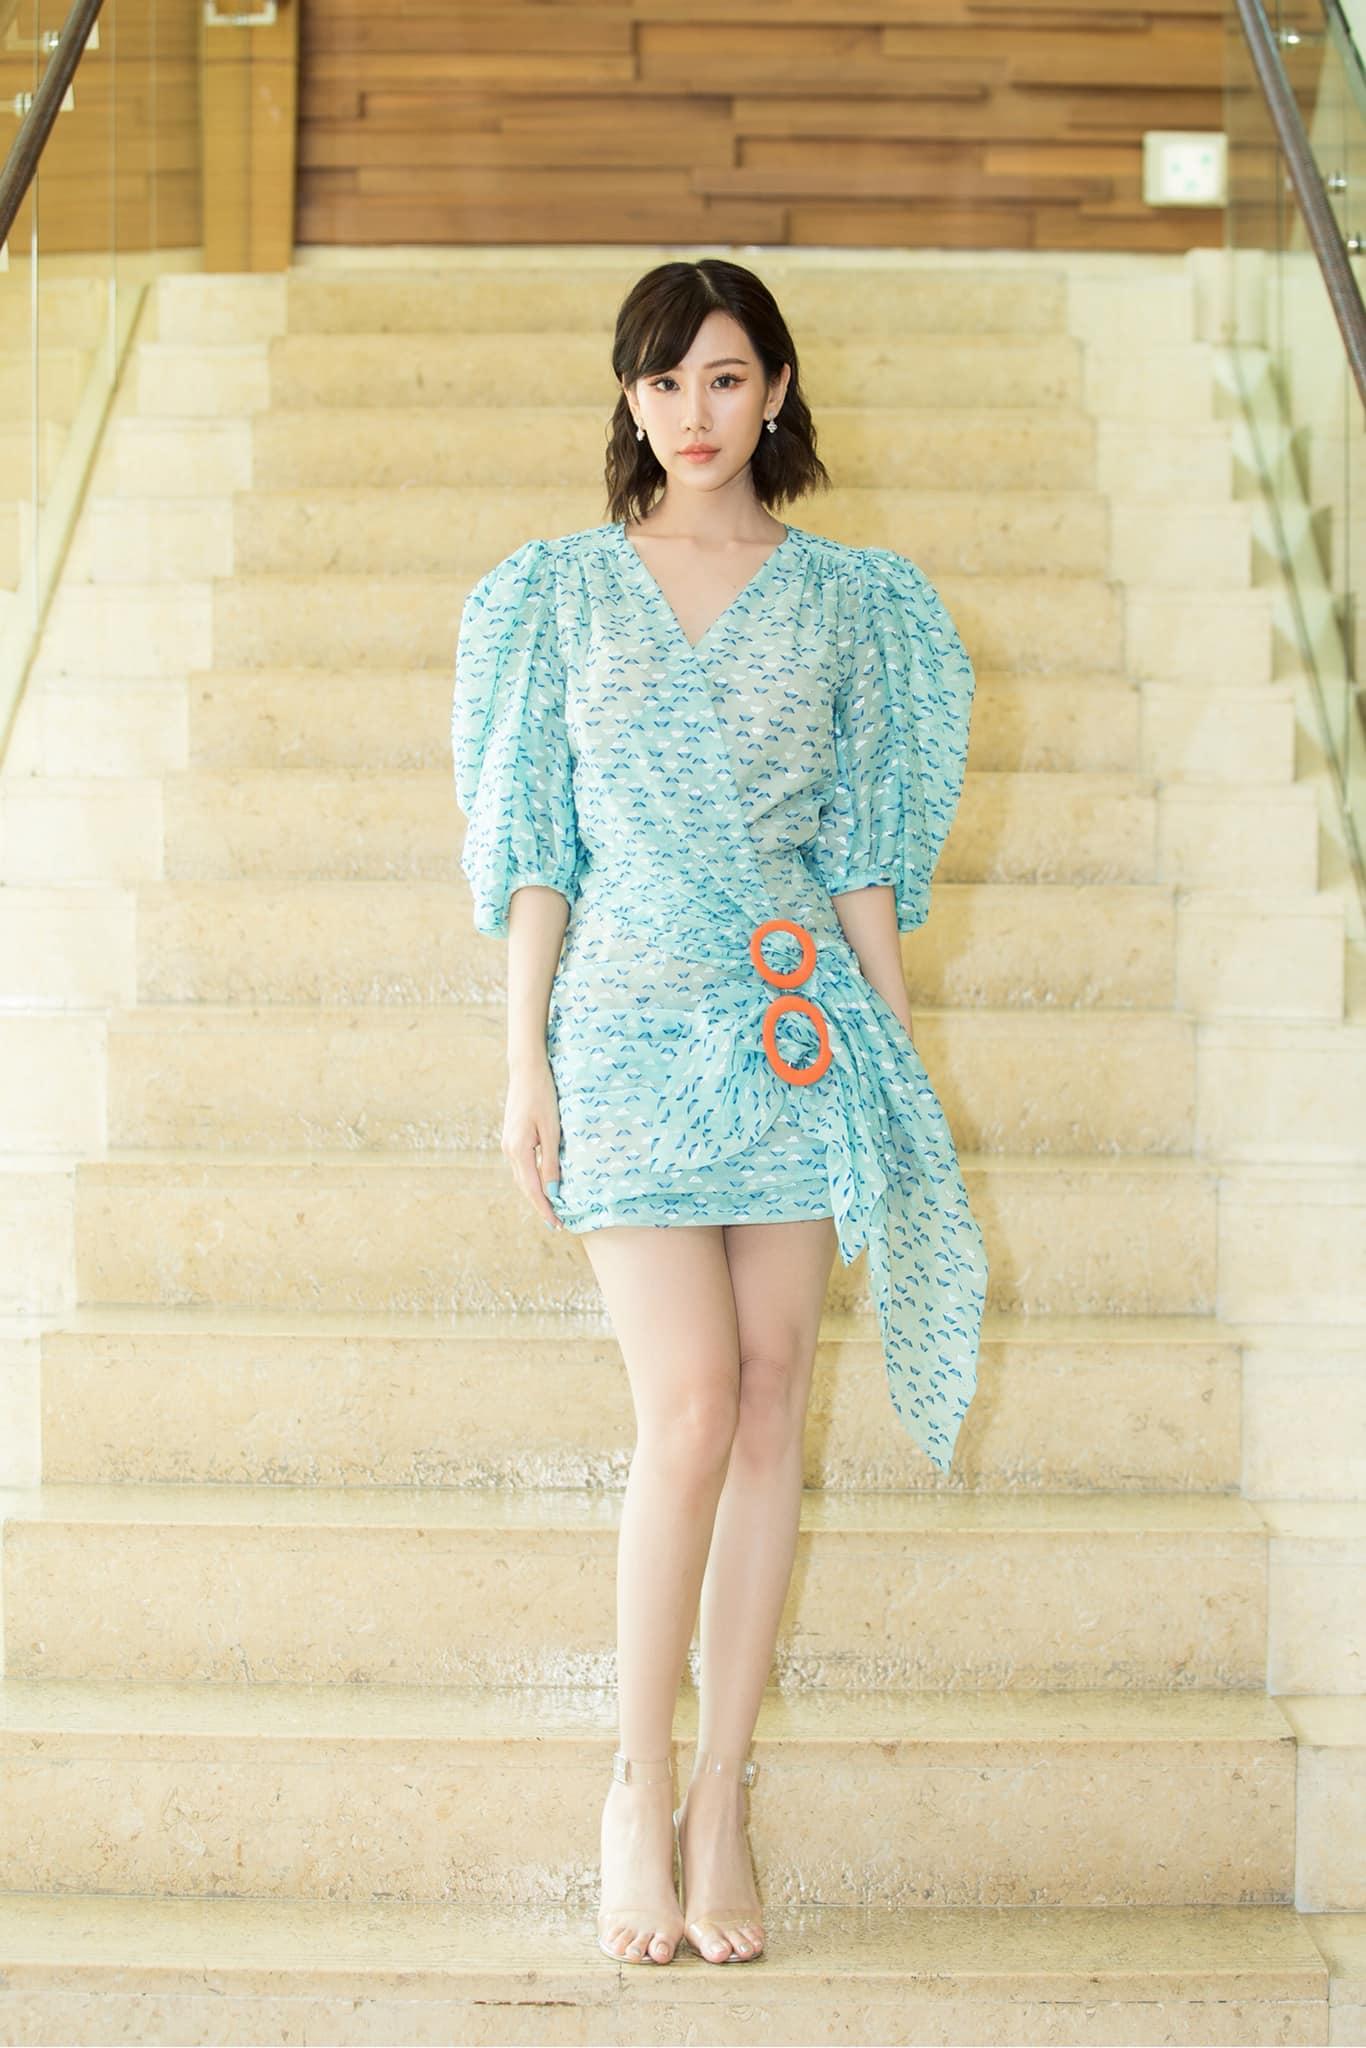 Giảm béo như Min: Mặc đồ nhỏ đi lang thang trong phòng để thấy mỡ rung rinh - Hình 2